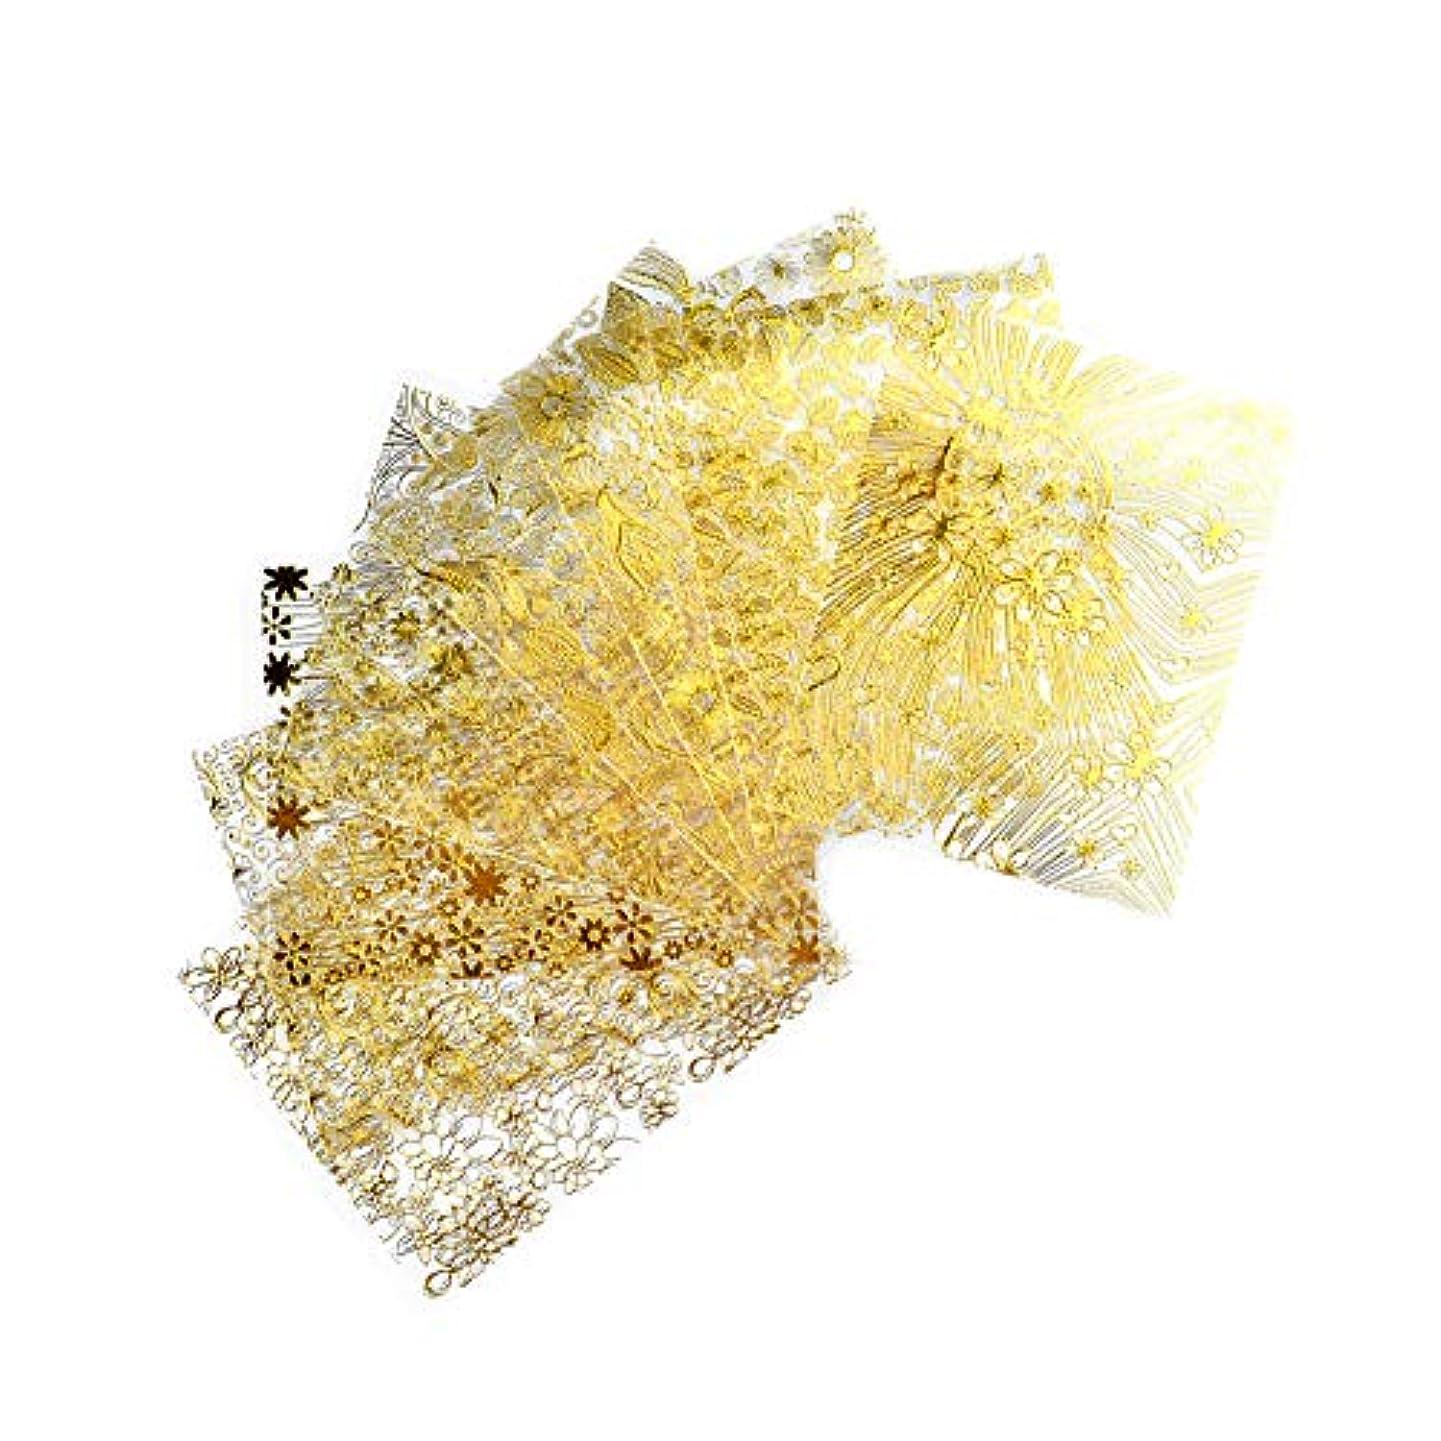 壮大な排泄するビット金属の自己接着性ネイルステッカー8花柄のネイルステッカー3DネイルネイルDIYの宝石装飾された女性の少女金